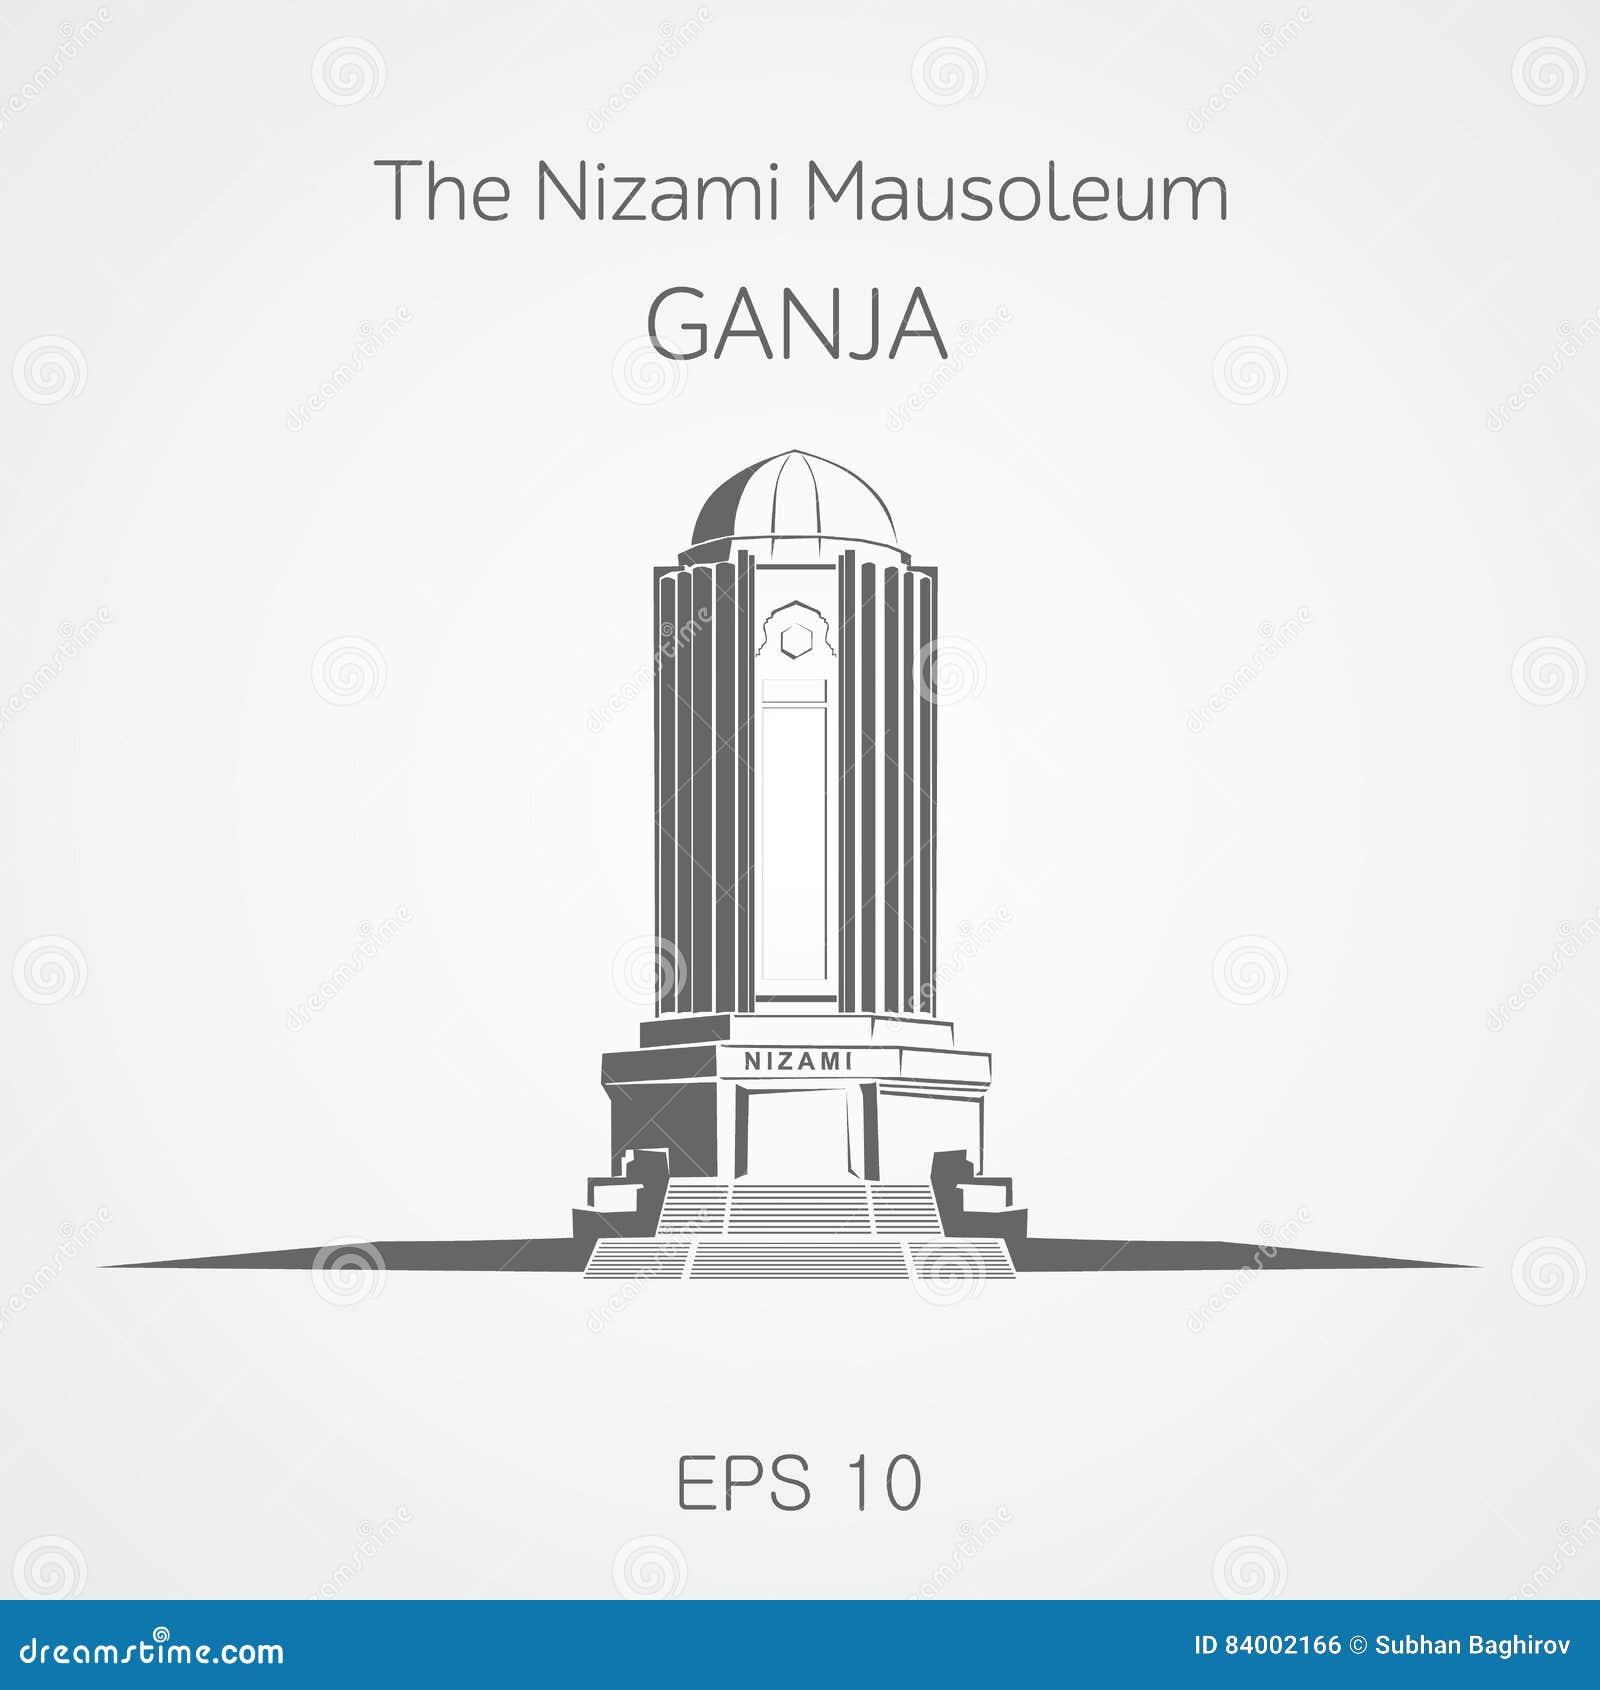 Nizami mausoleum Ganja _